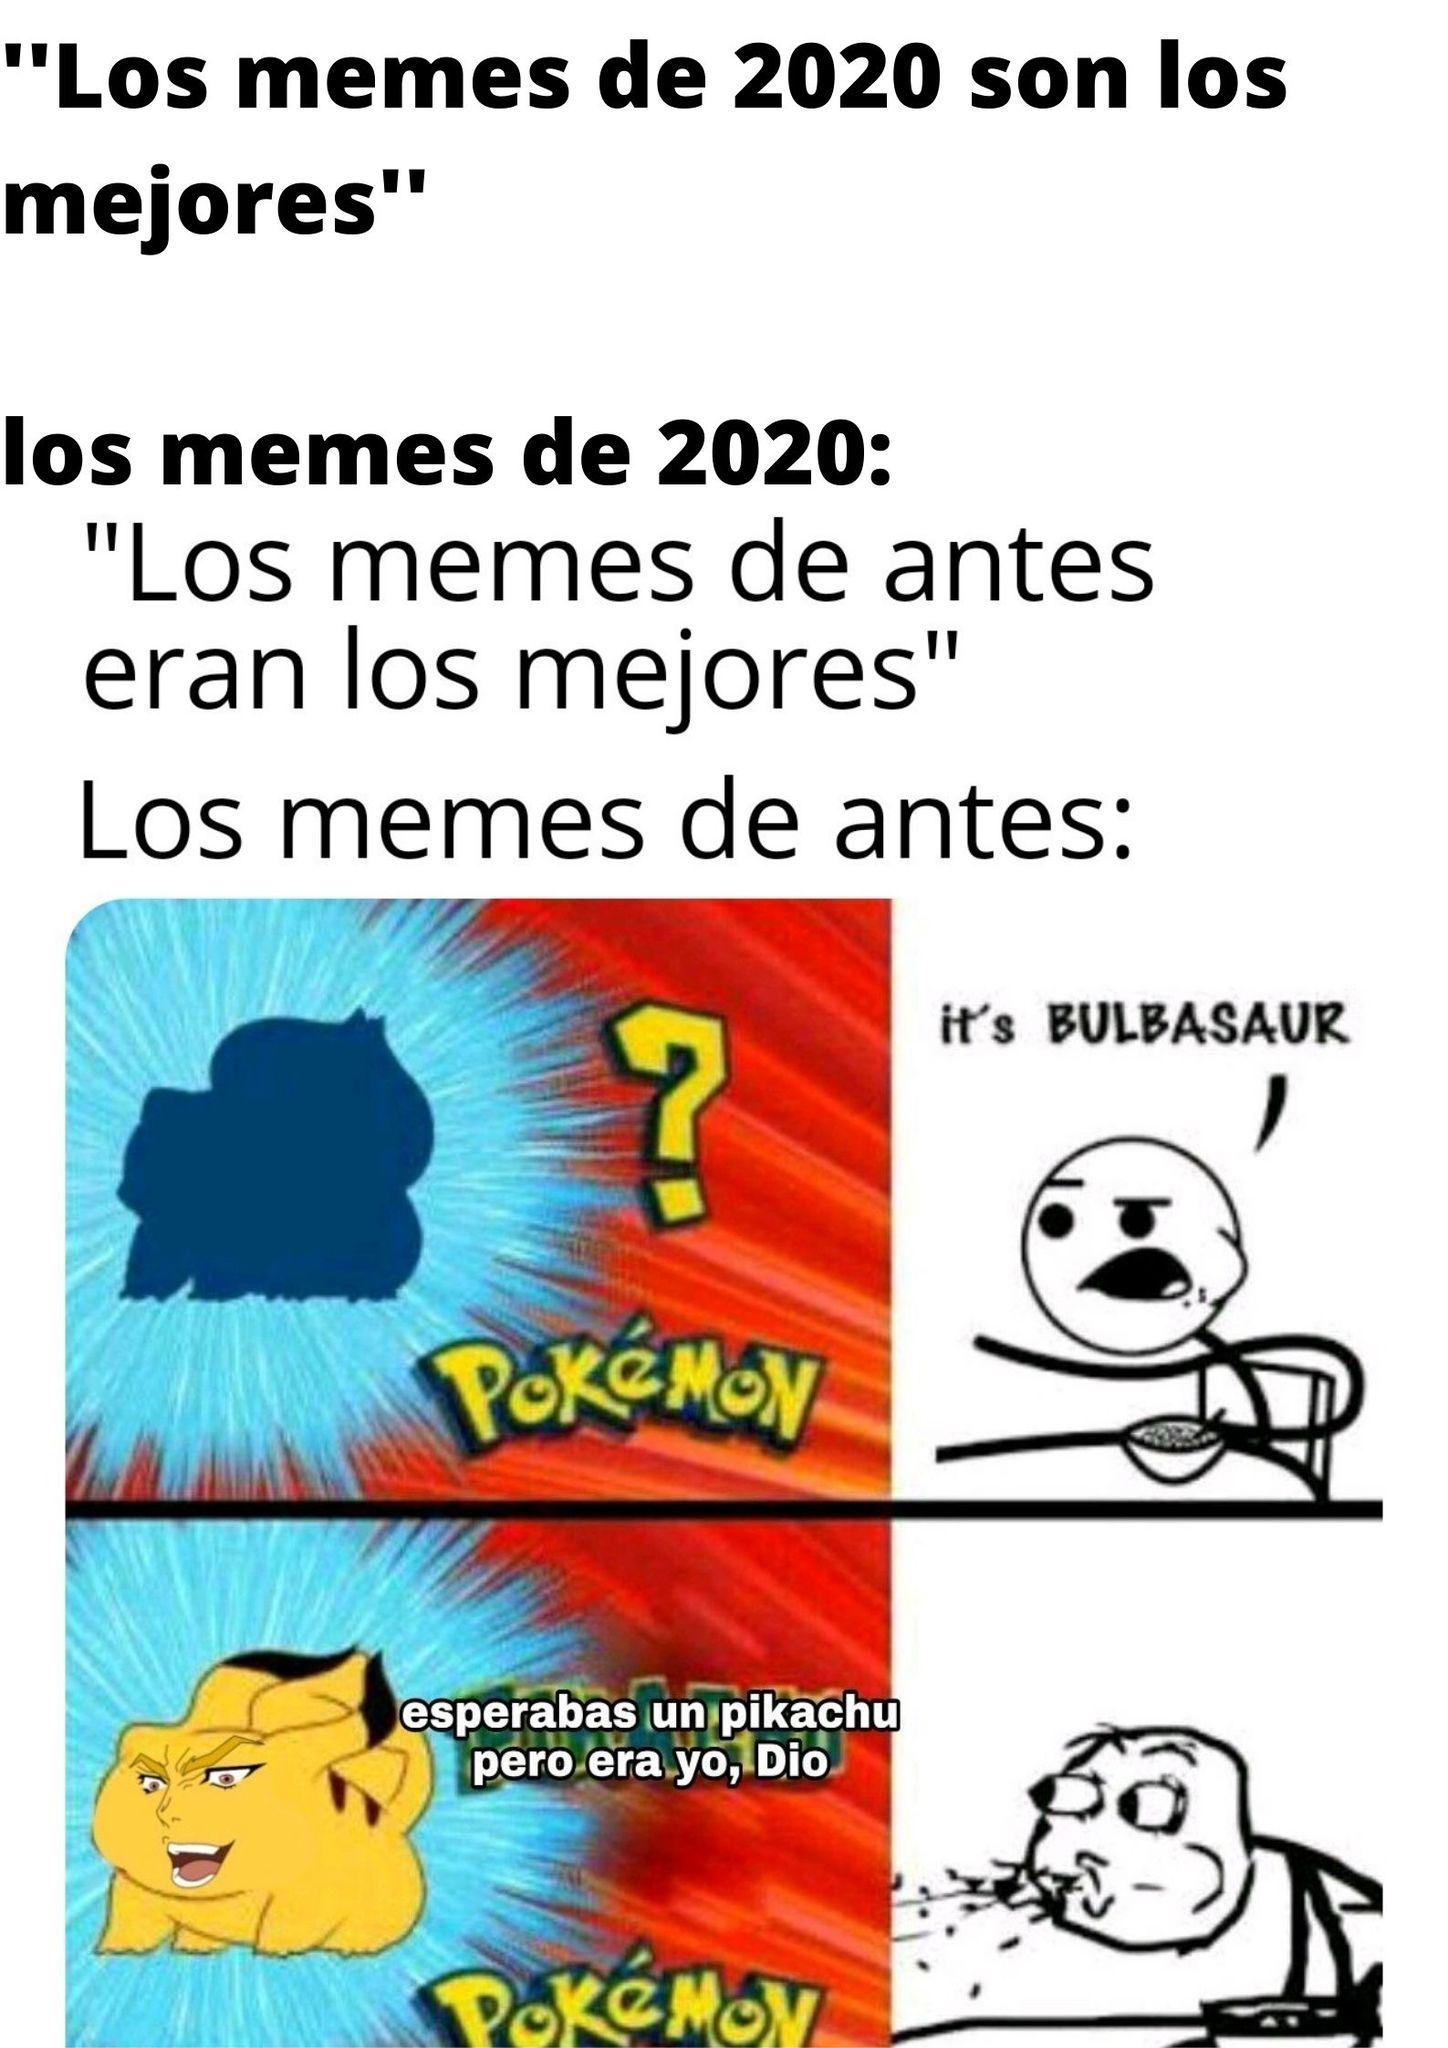 los memes de 2020: